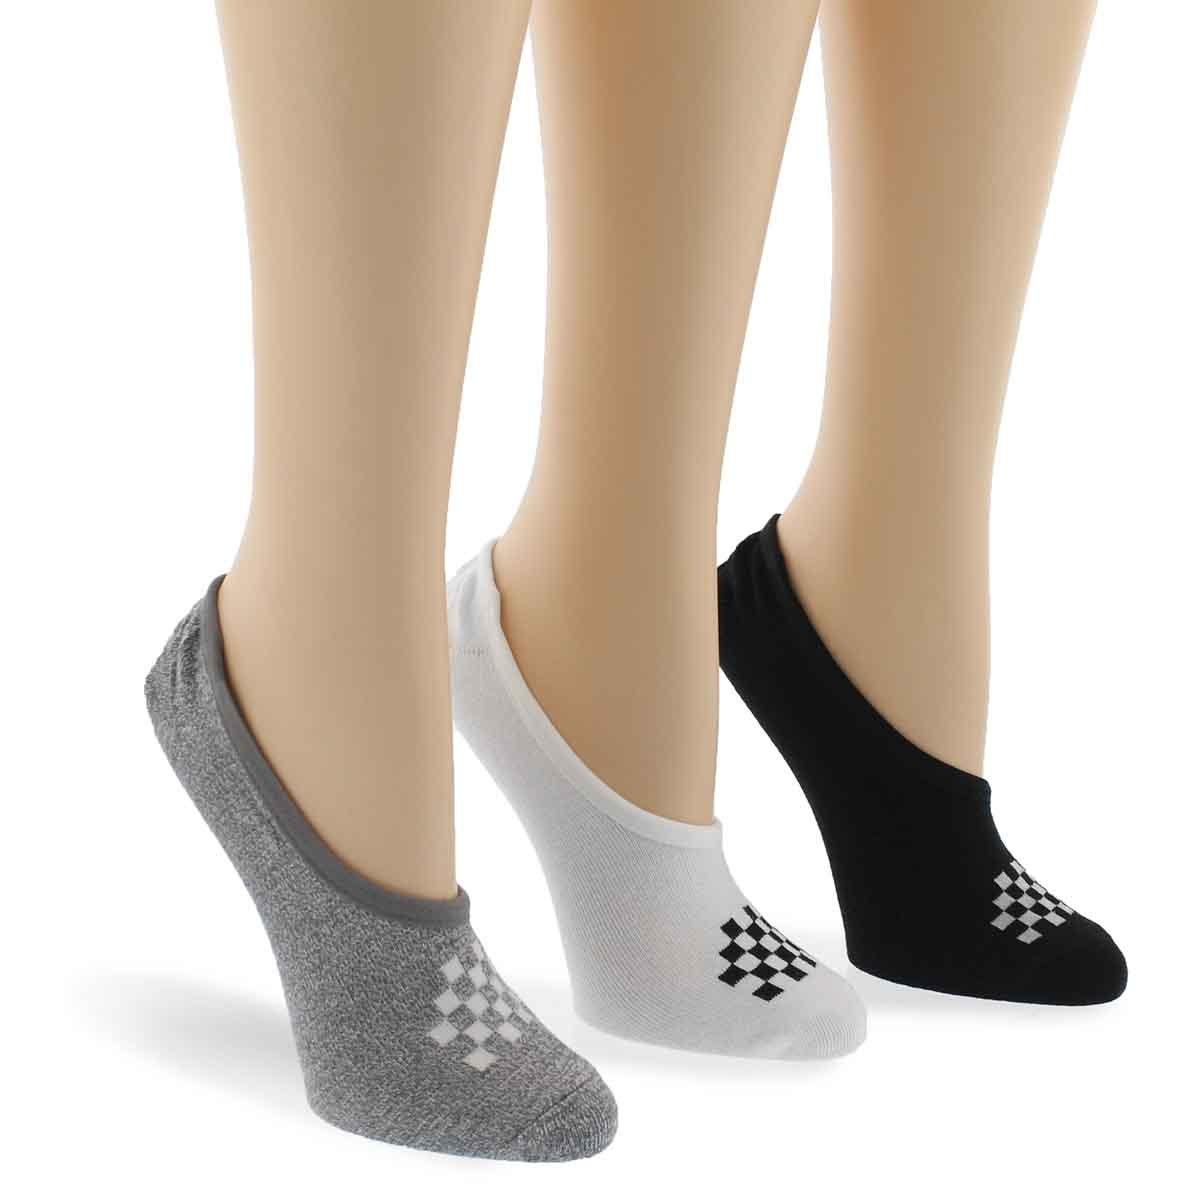 Lds ClasscCanoodle bk/gy/wt ankle sck 3p